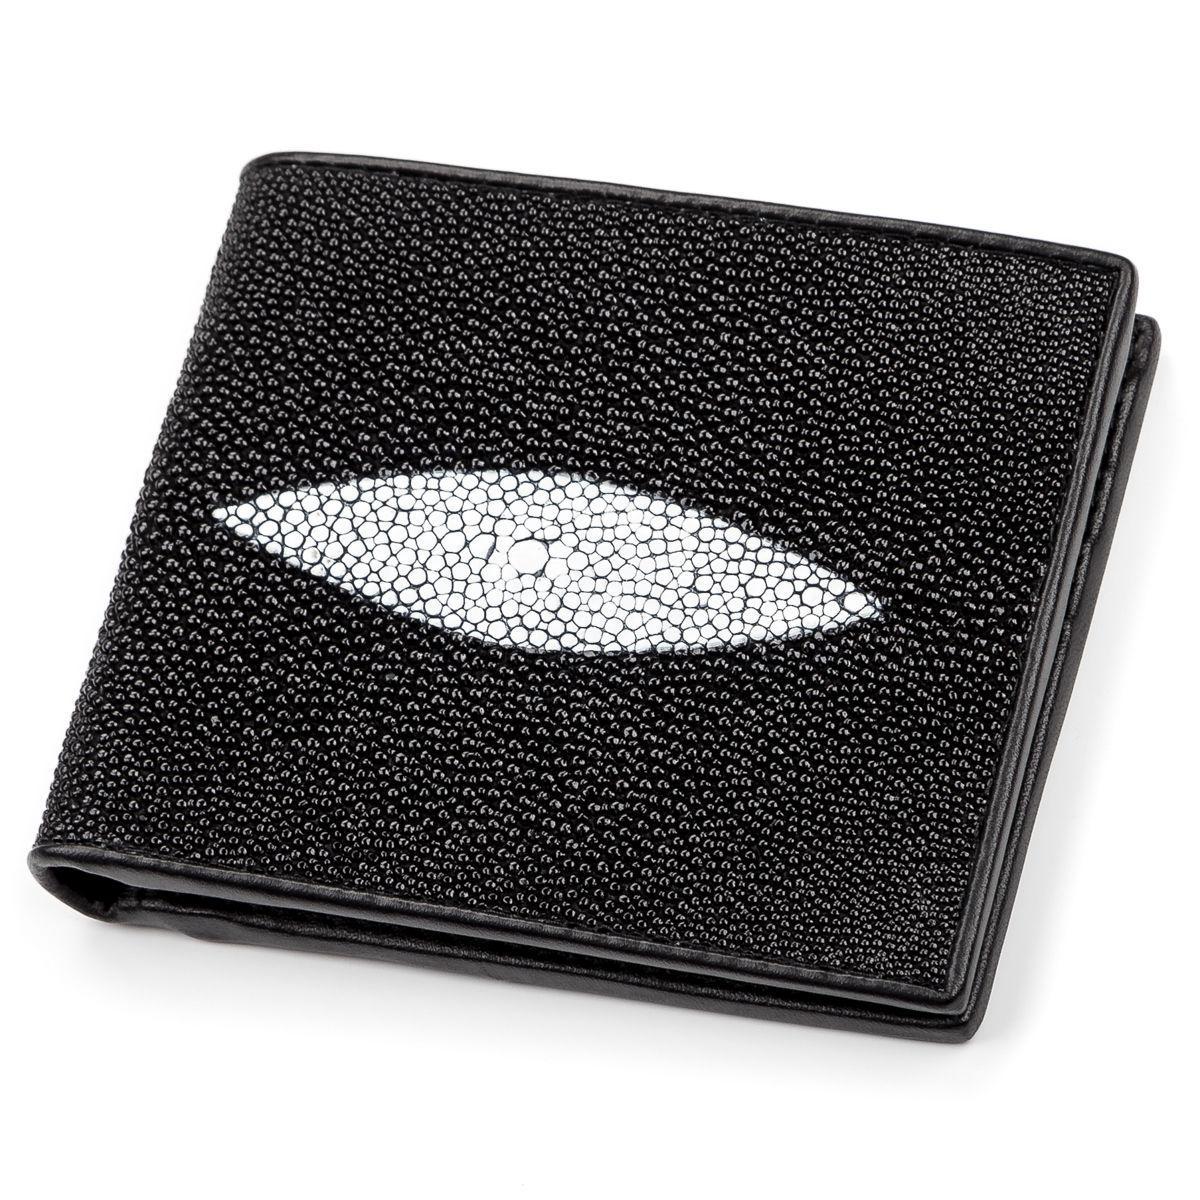 Портмоне Мужское Stingray Leather 18049 Из Натуральной Кожи Морского Ската Черное, Черный